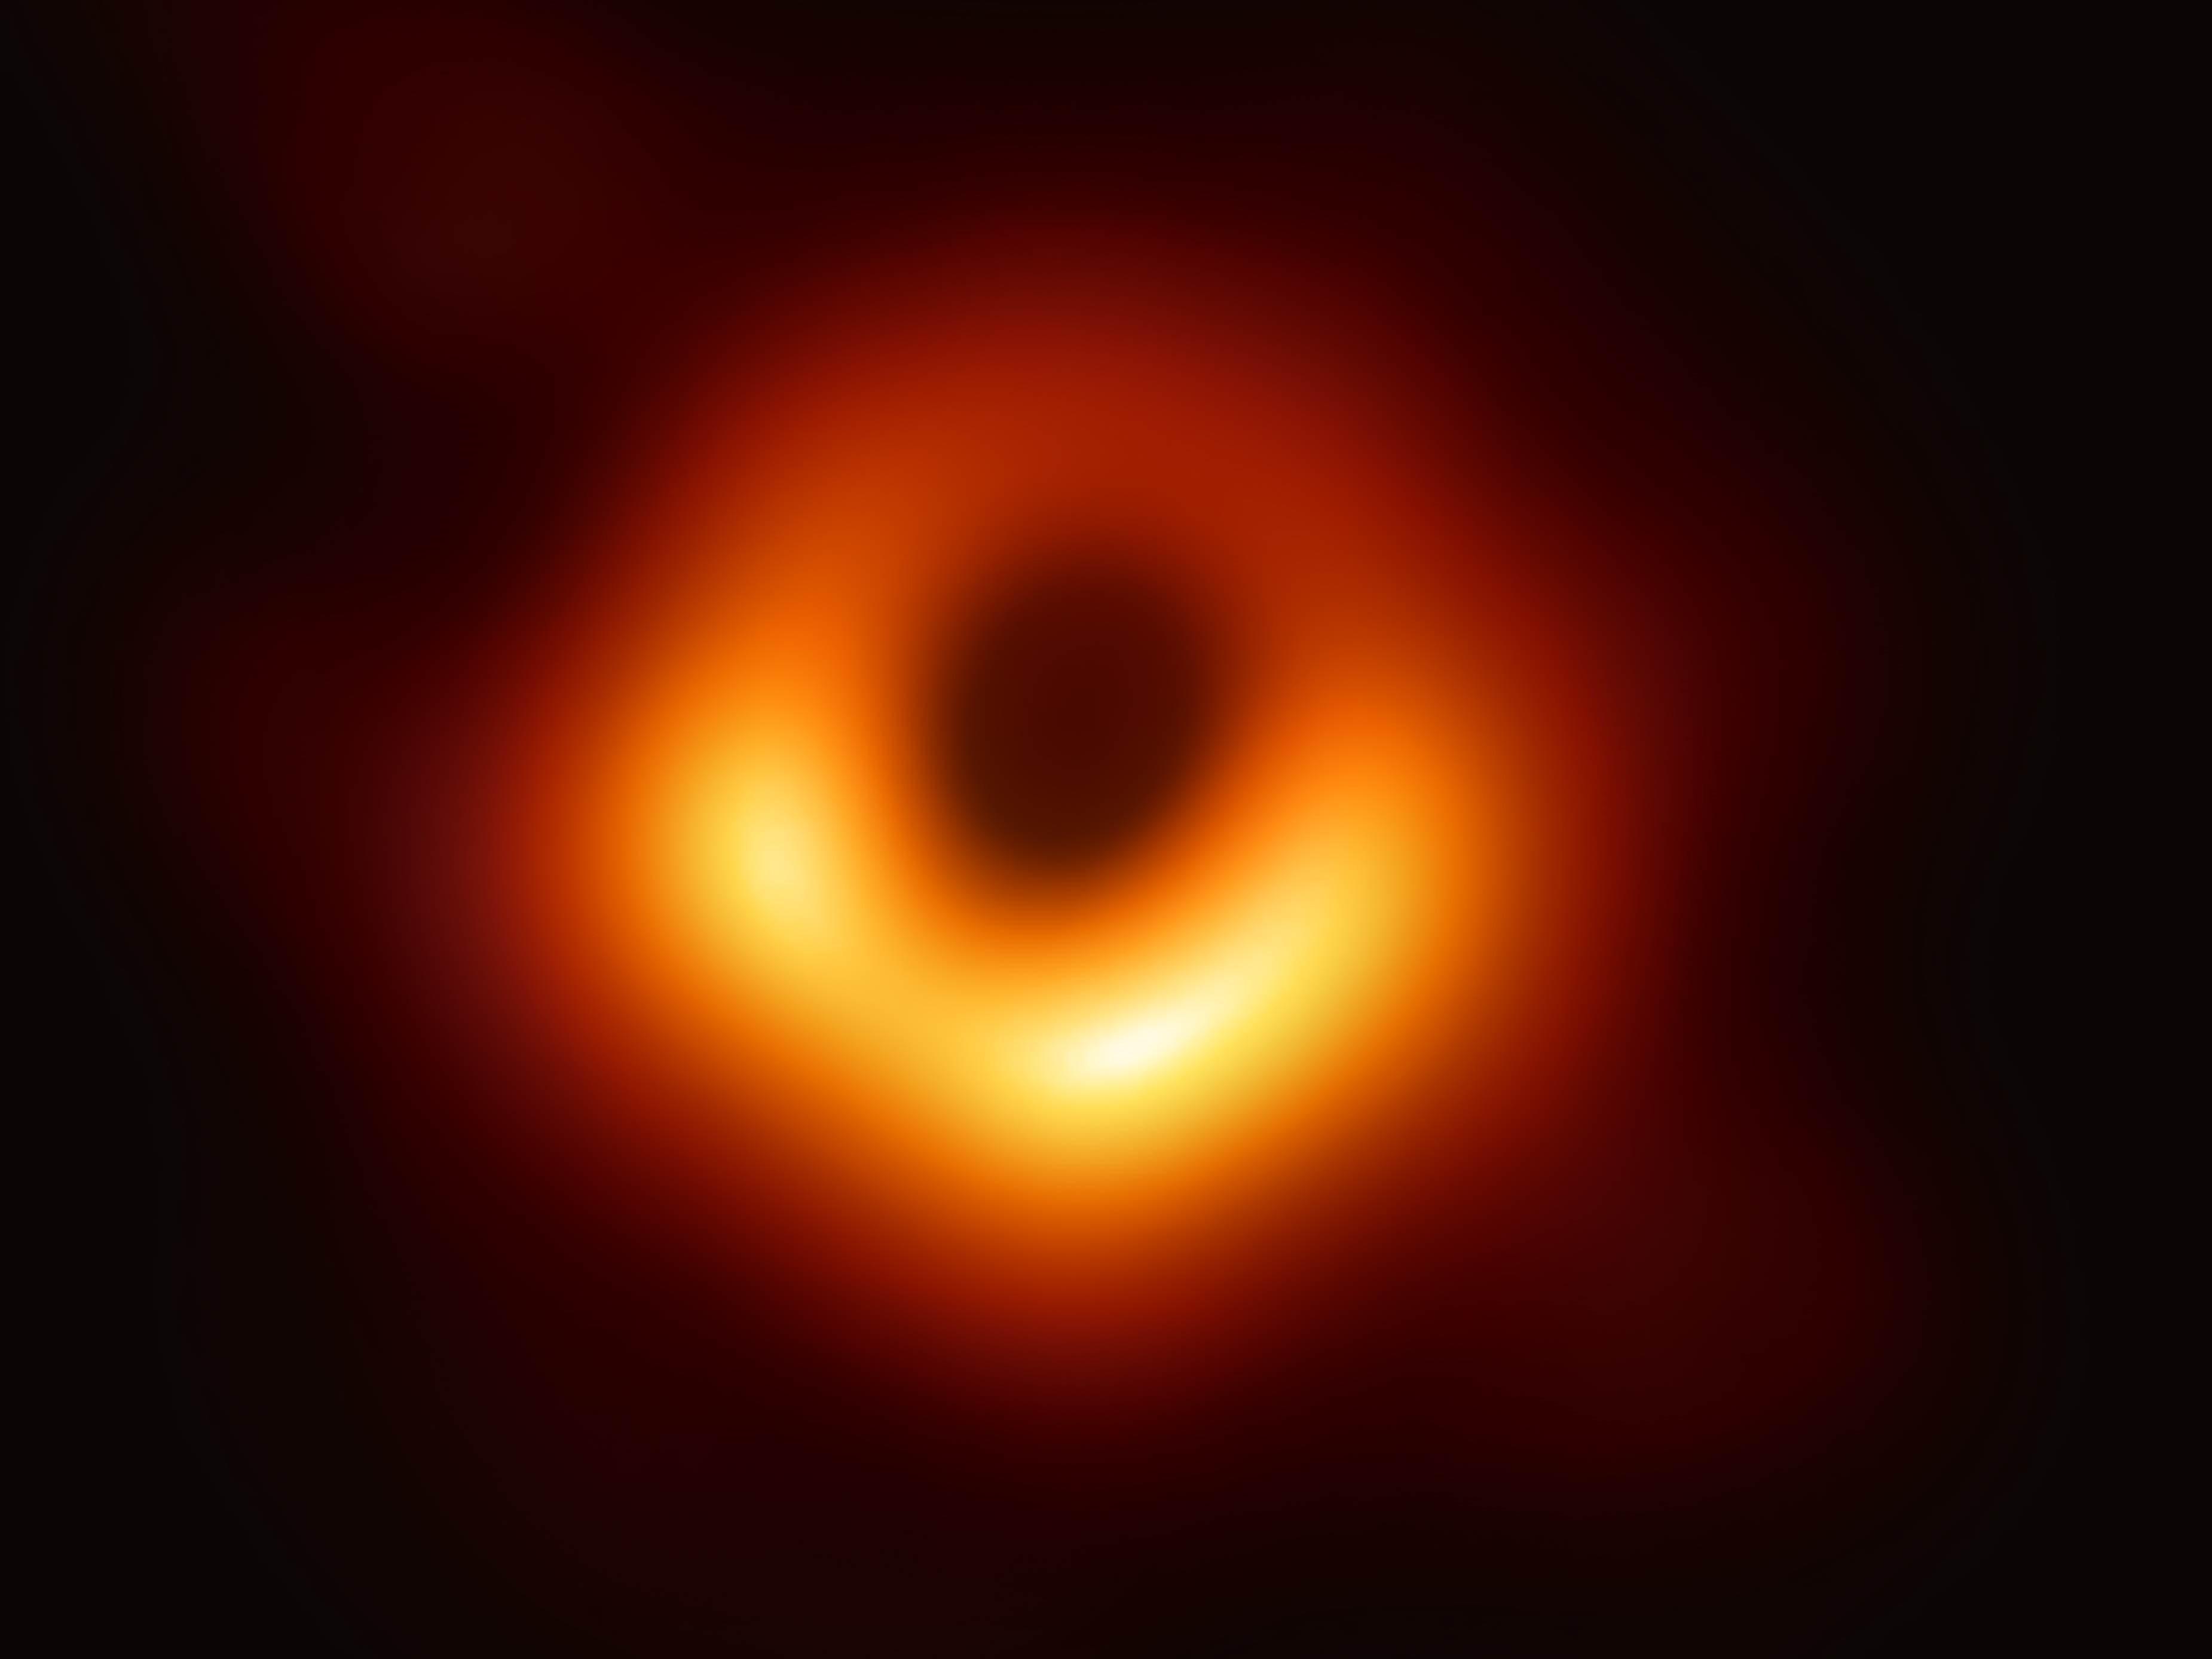 El agujero negro más próximo a la Tierra